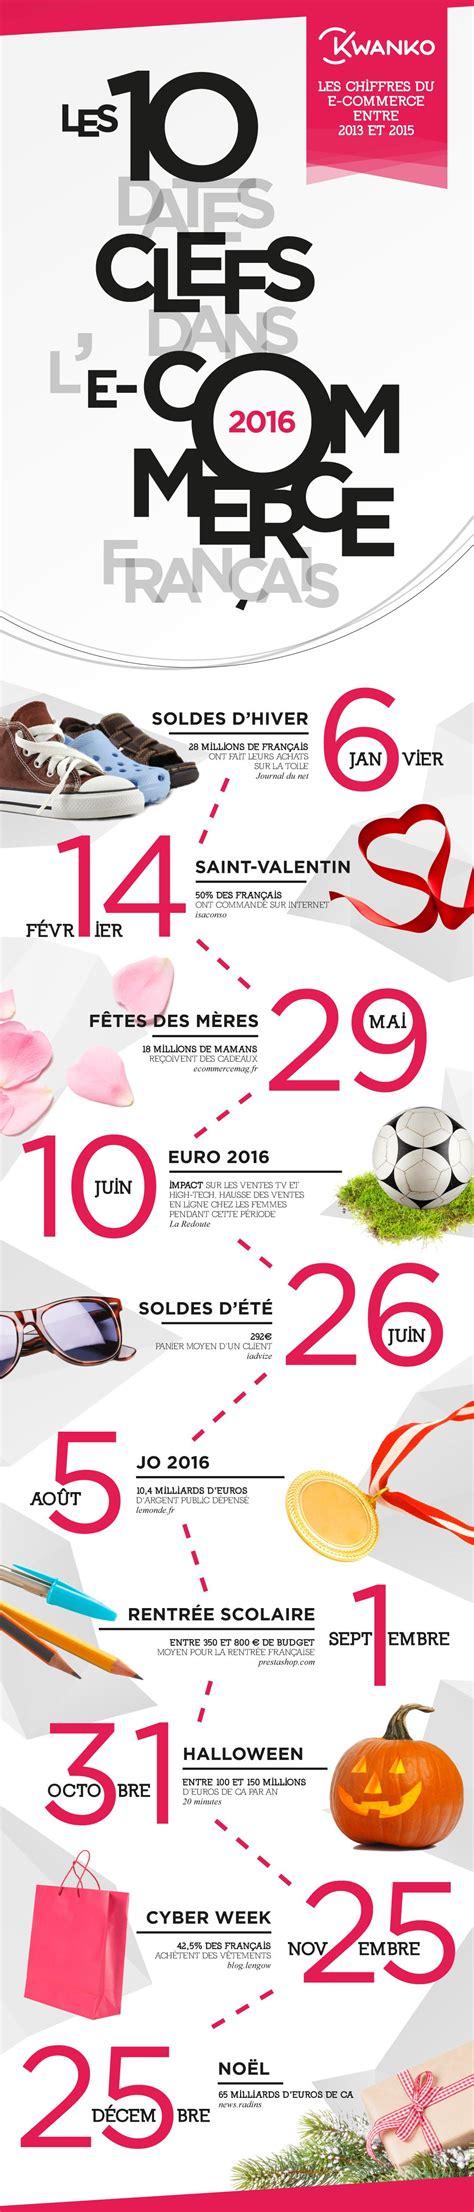 Infographie : le e-commerce en 10 moments clefs - Image ...